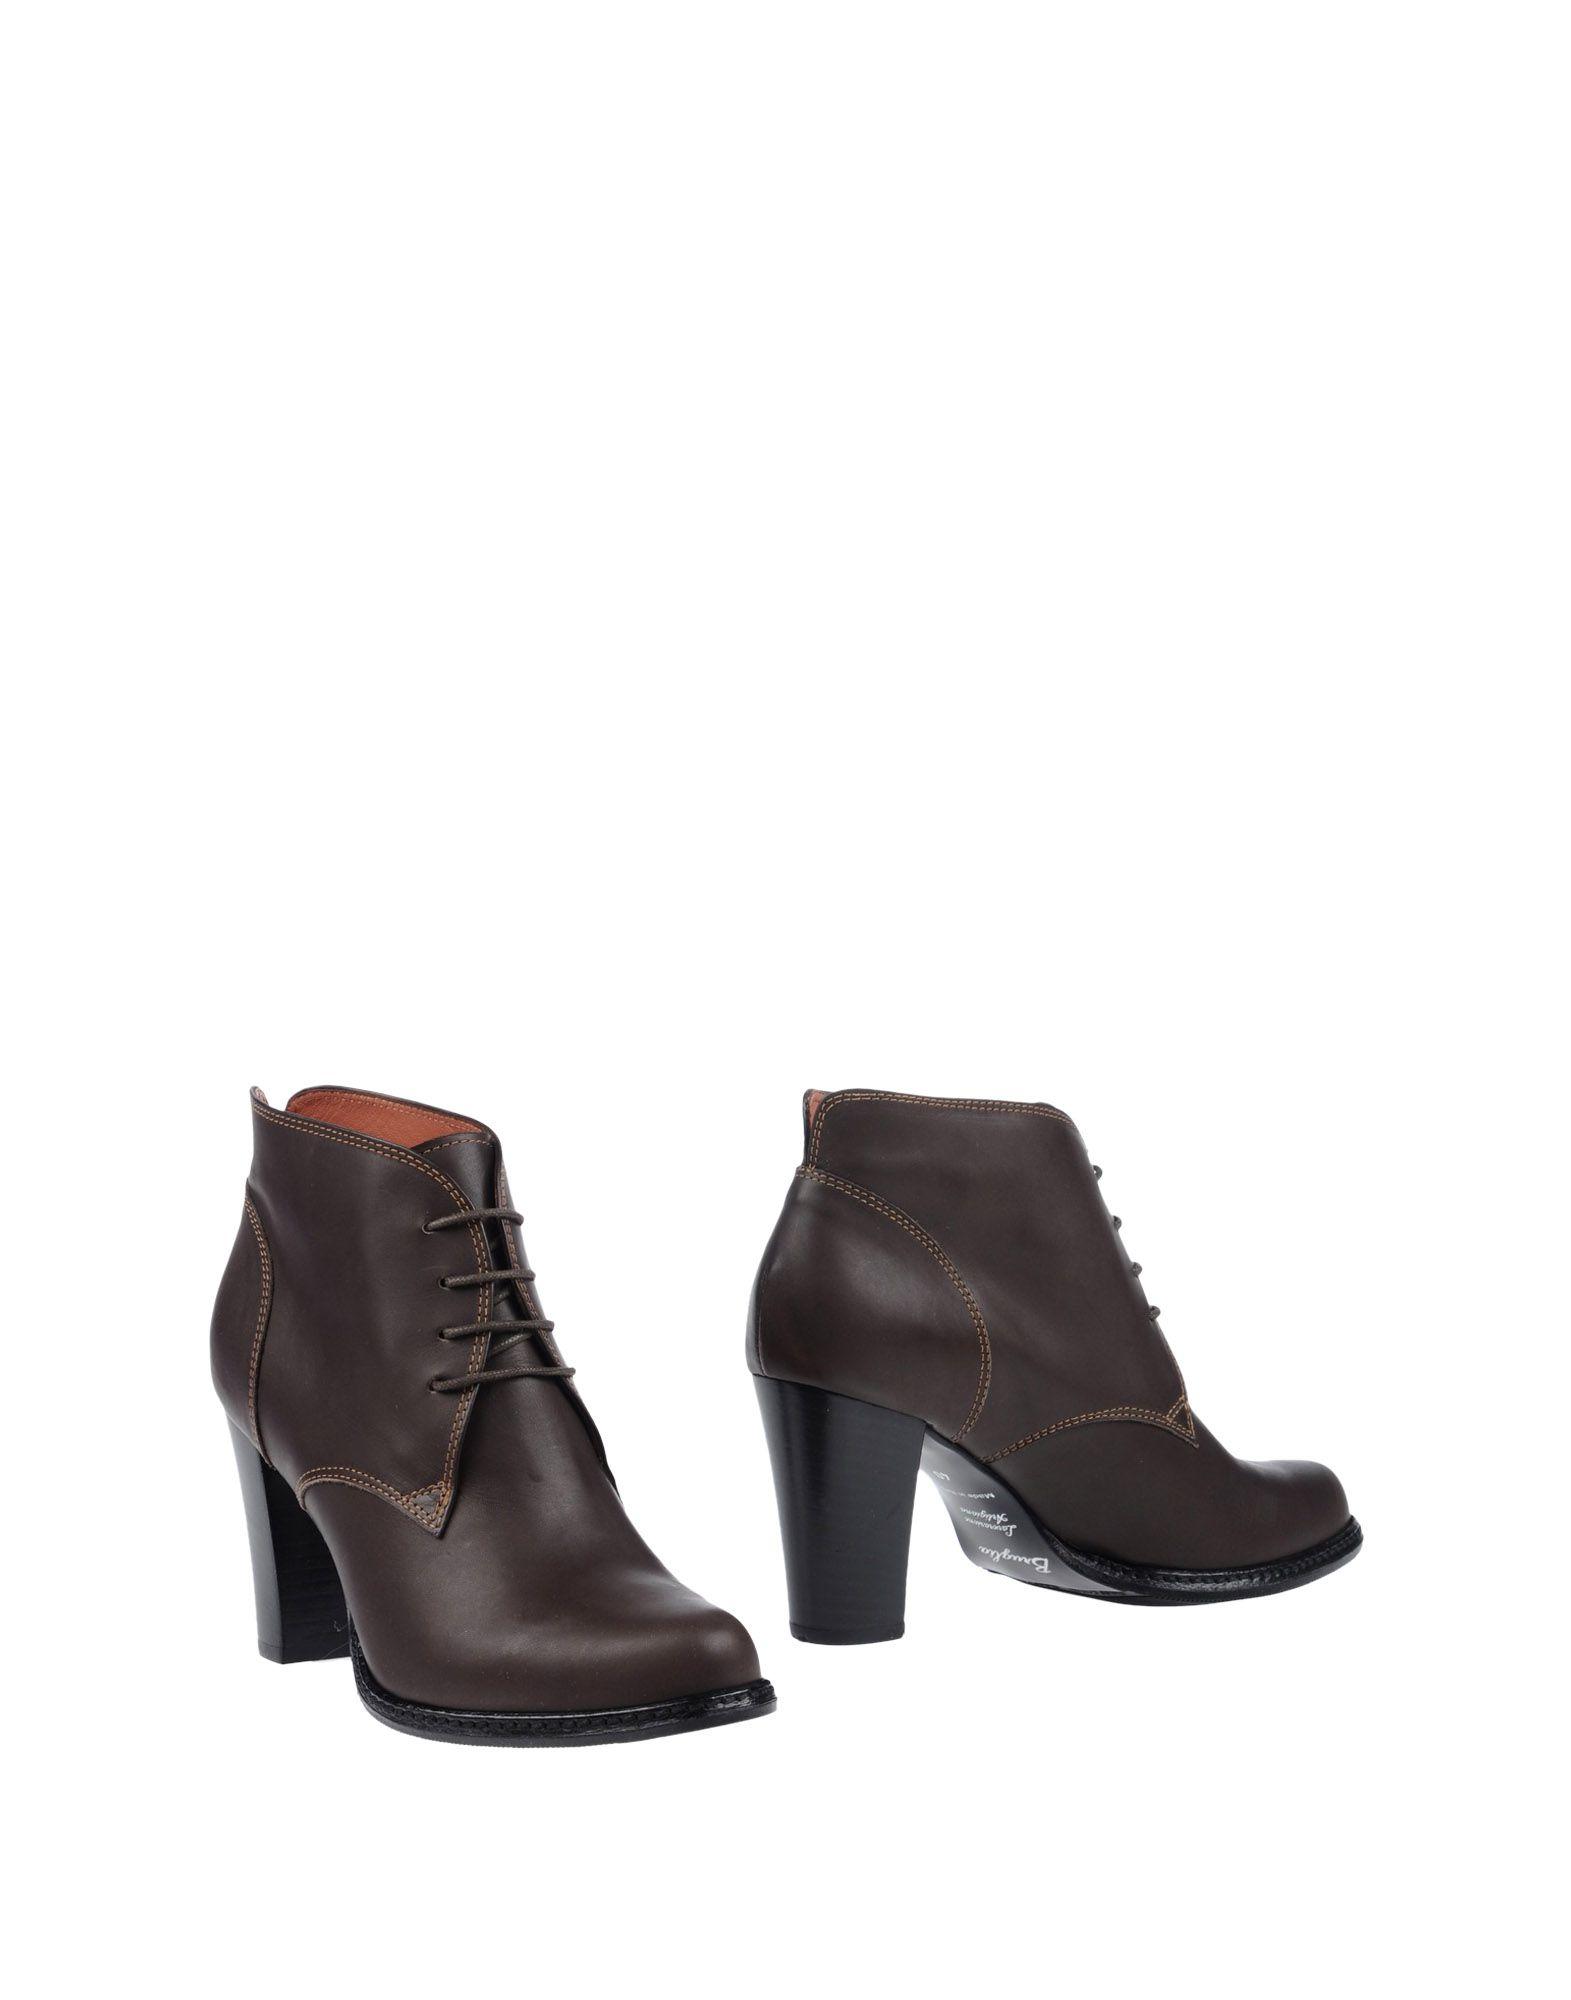 ФОТО f.lli bruglia полусапоги и высокие ботинки